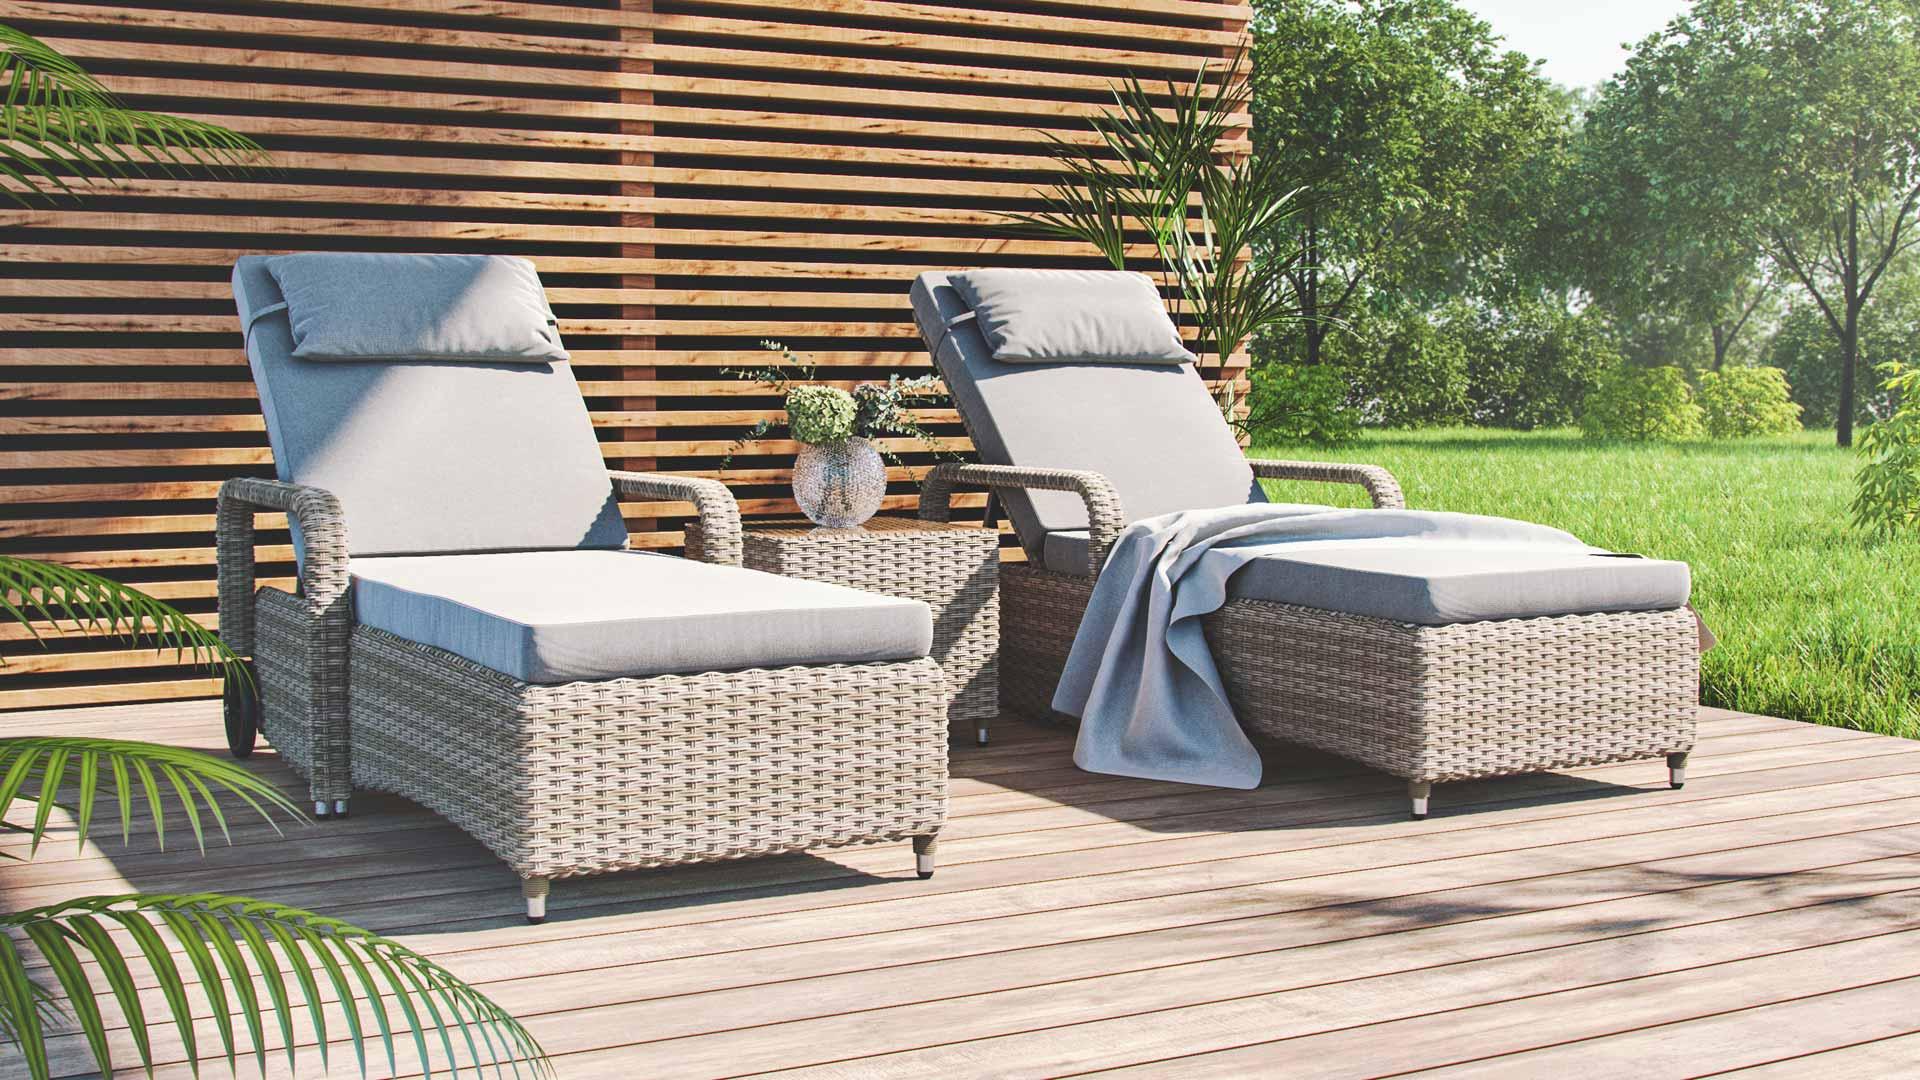 artelia geschwungene rattanliegen mit beistelltisch aus. Black Bedroom Furniture Sets. Home Design Ideas